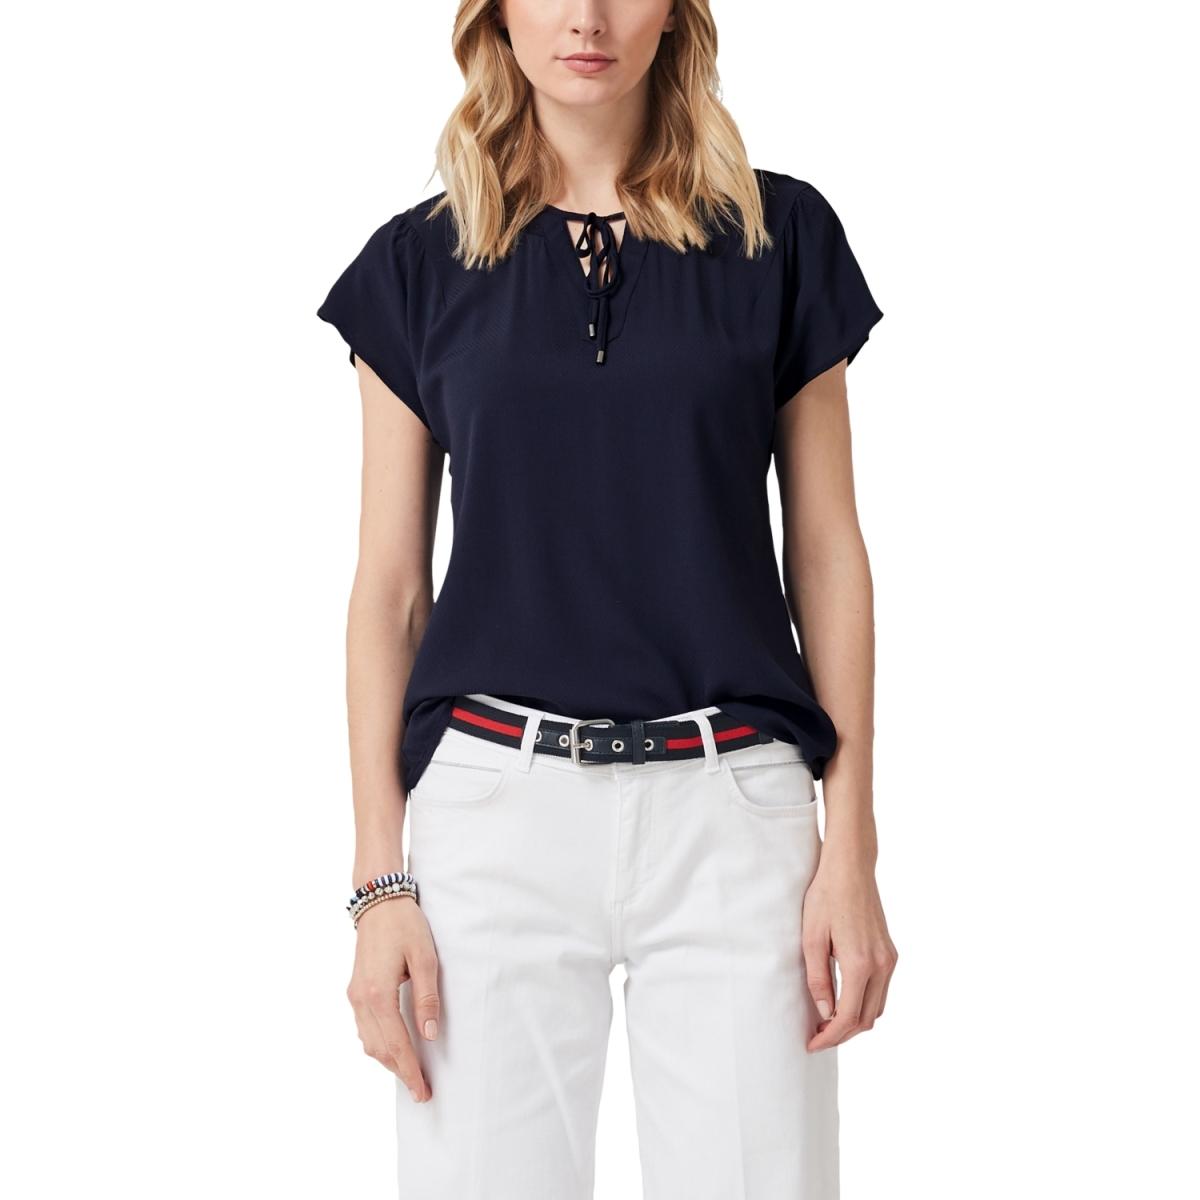 blouse met v hals en strik sluiting 04899125318 s.oliver blouse 5959